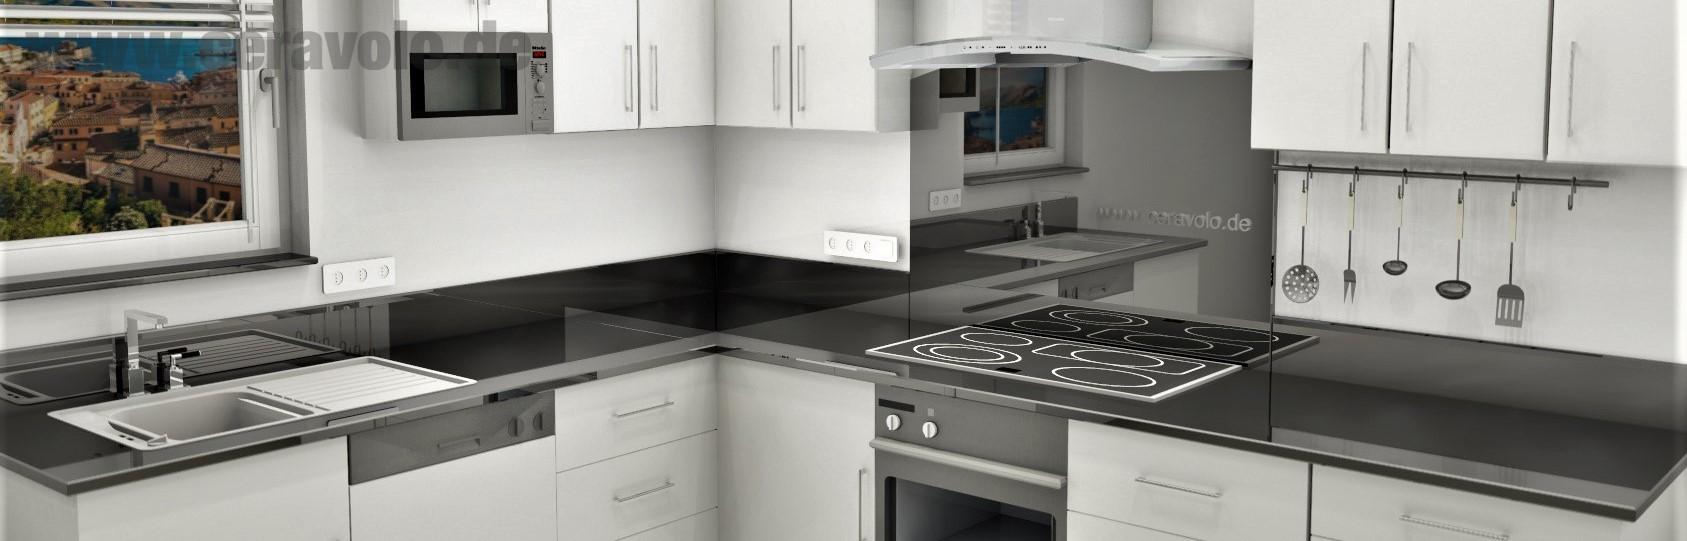 Kitchen Counter Nero Assoluto Marble Ceravolo